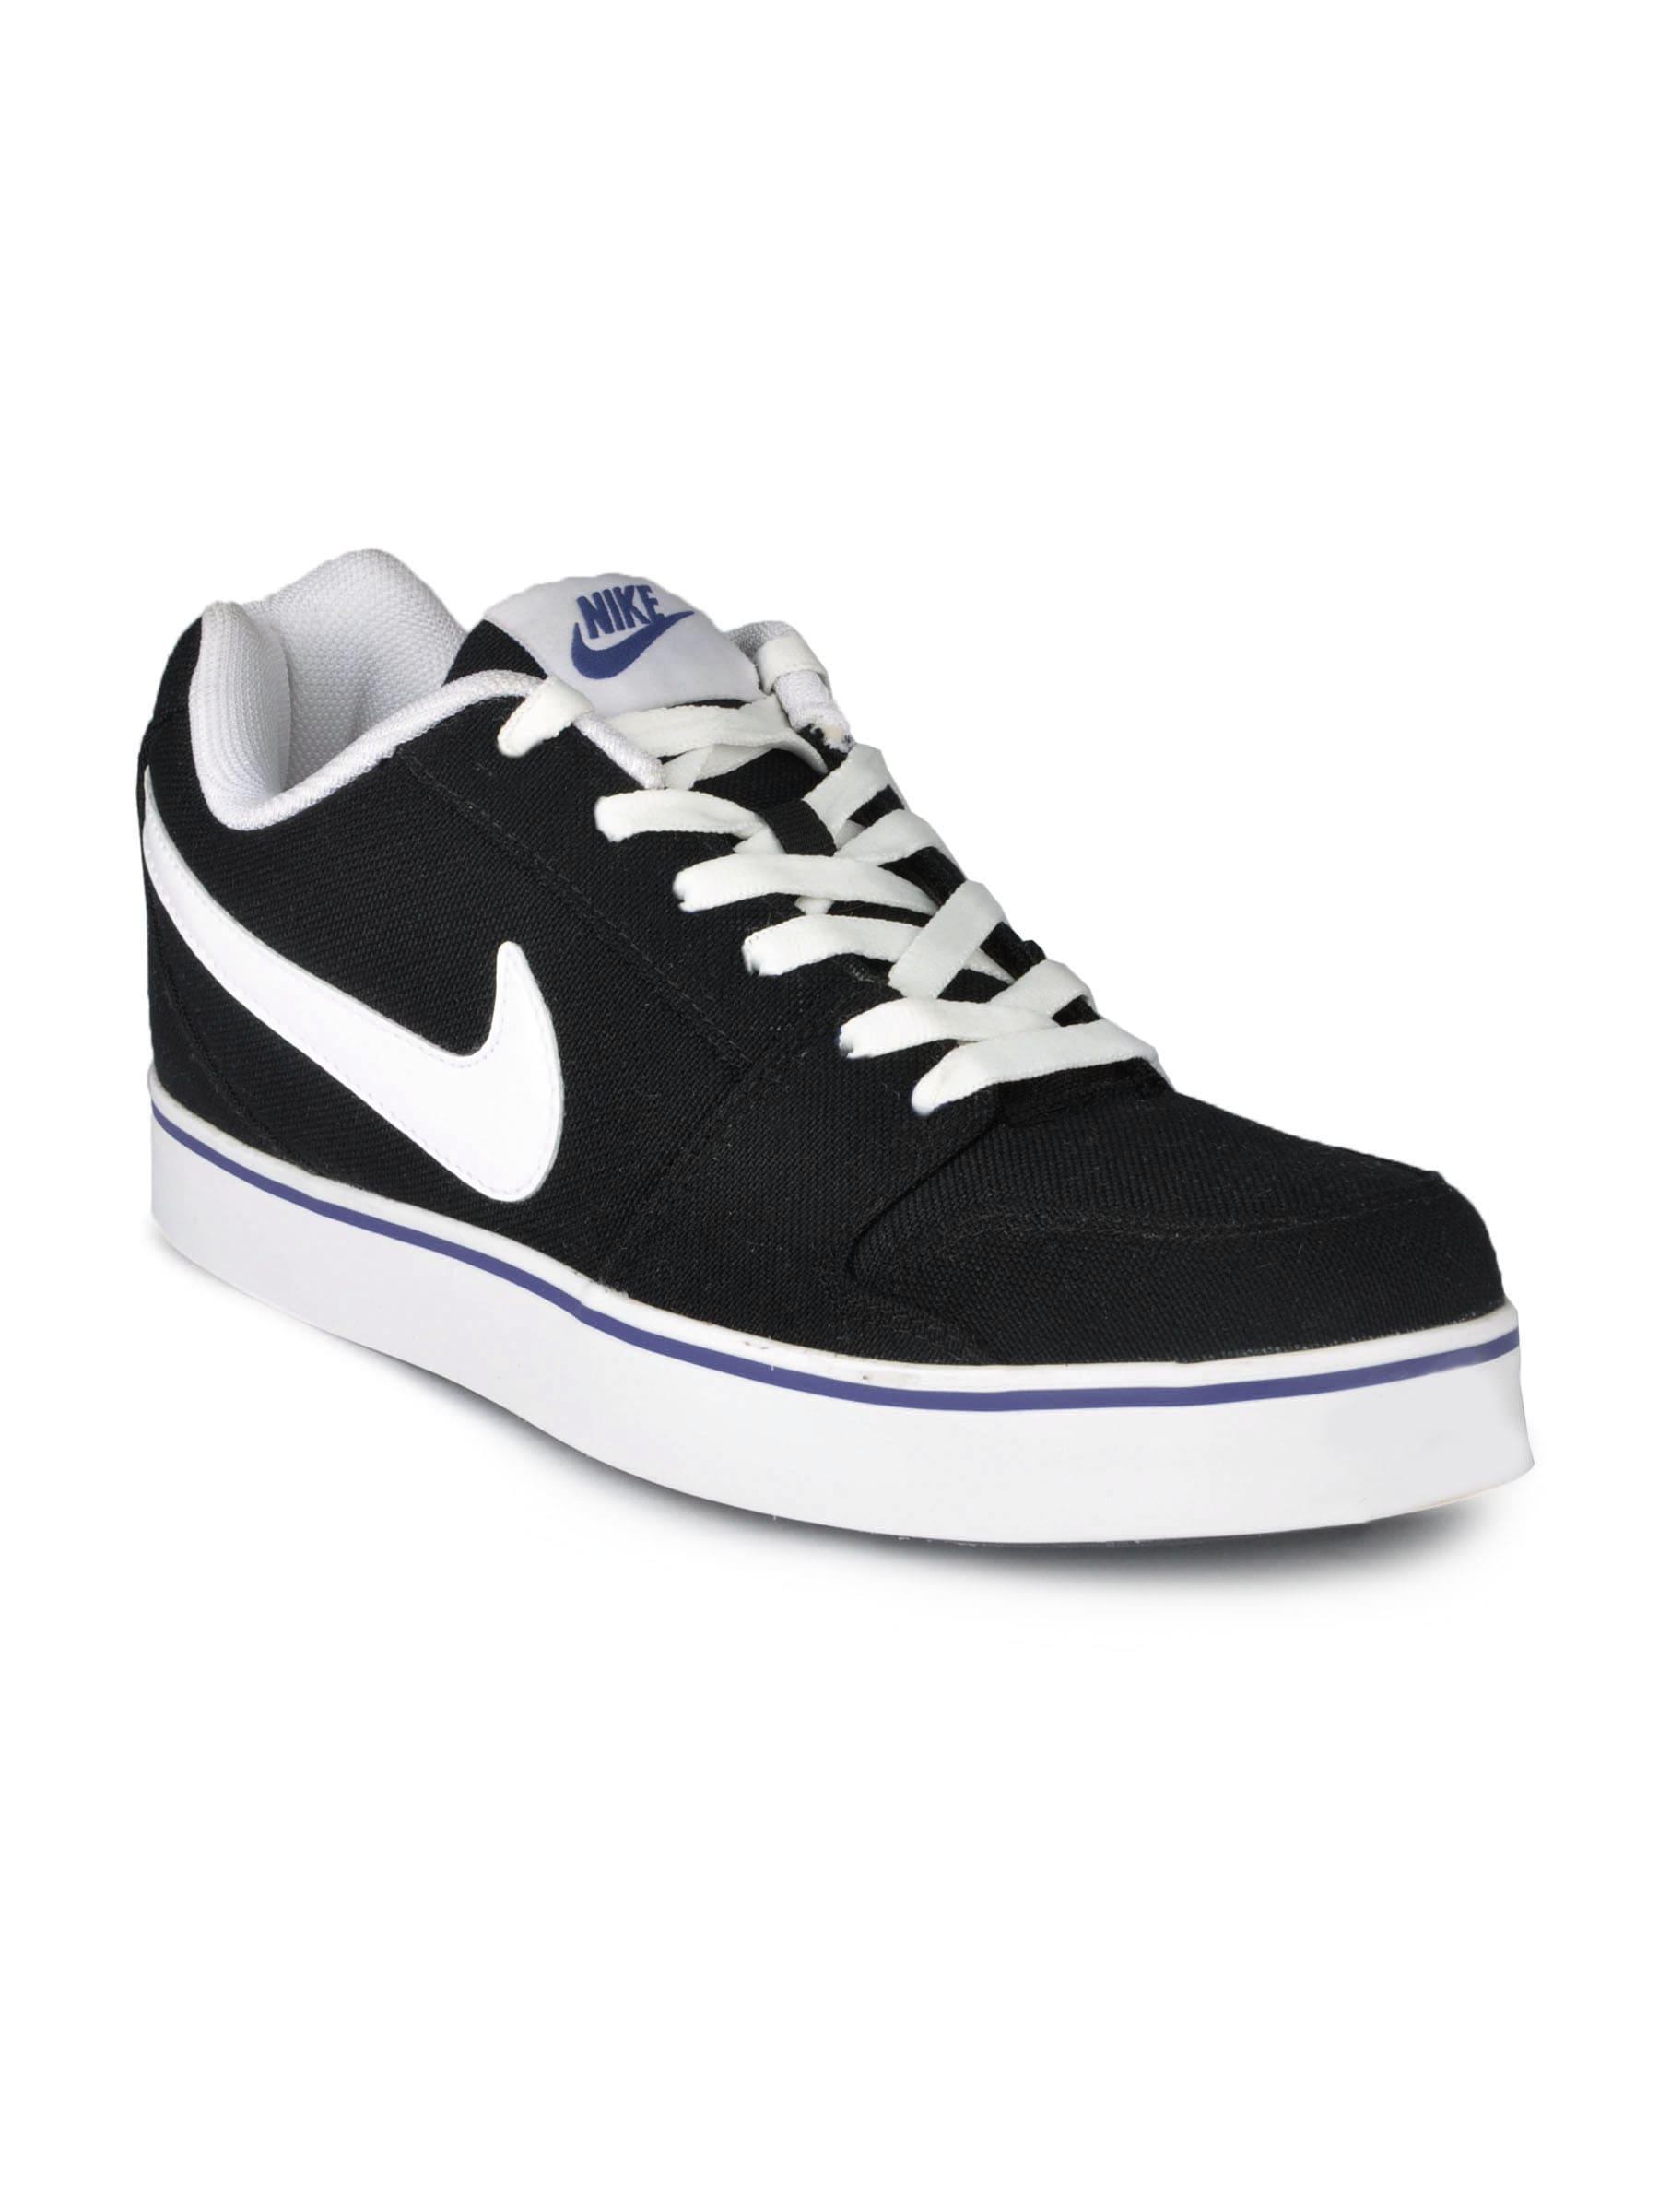 nike shoes black and white boys hosting co uk